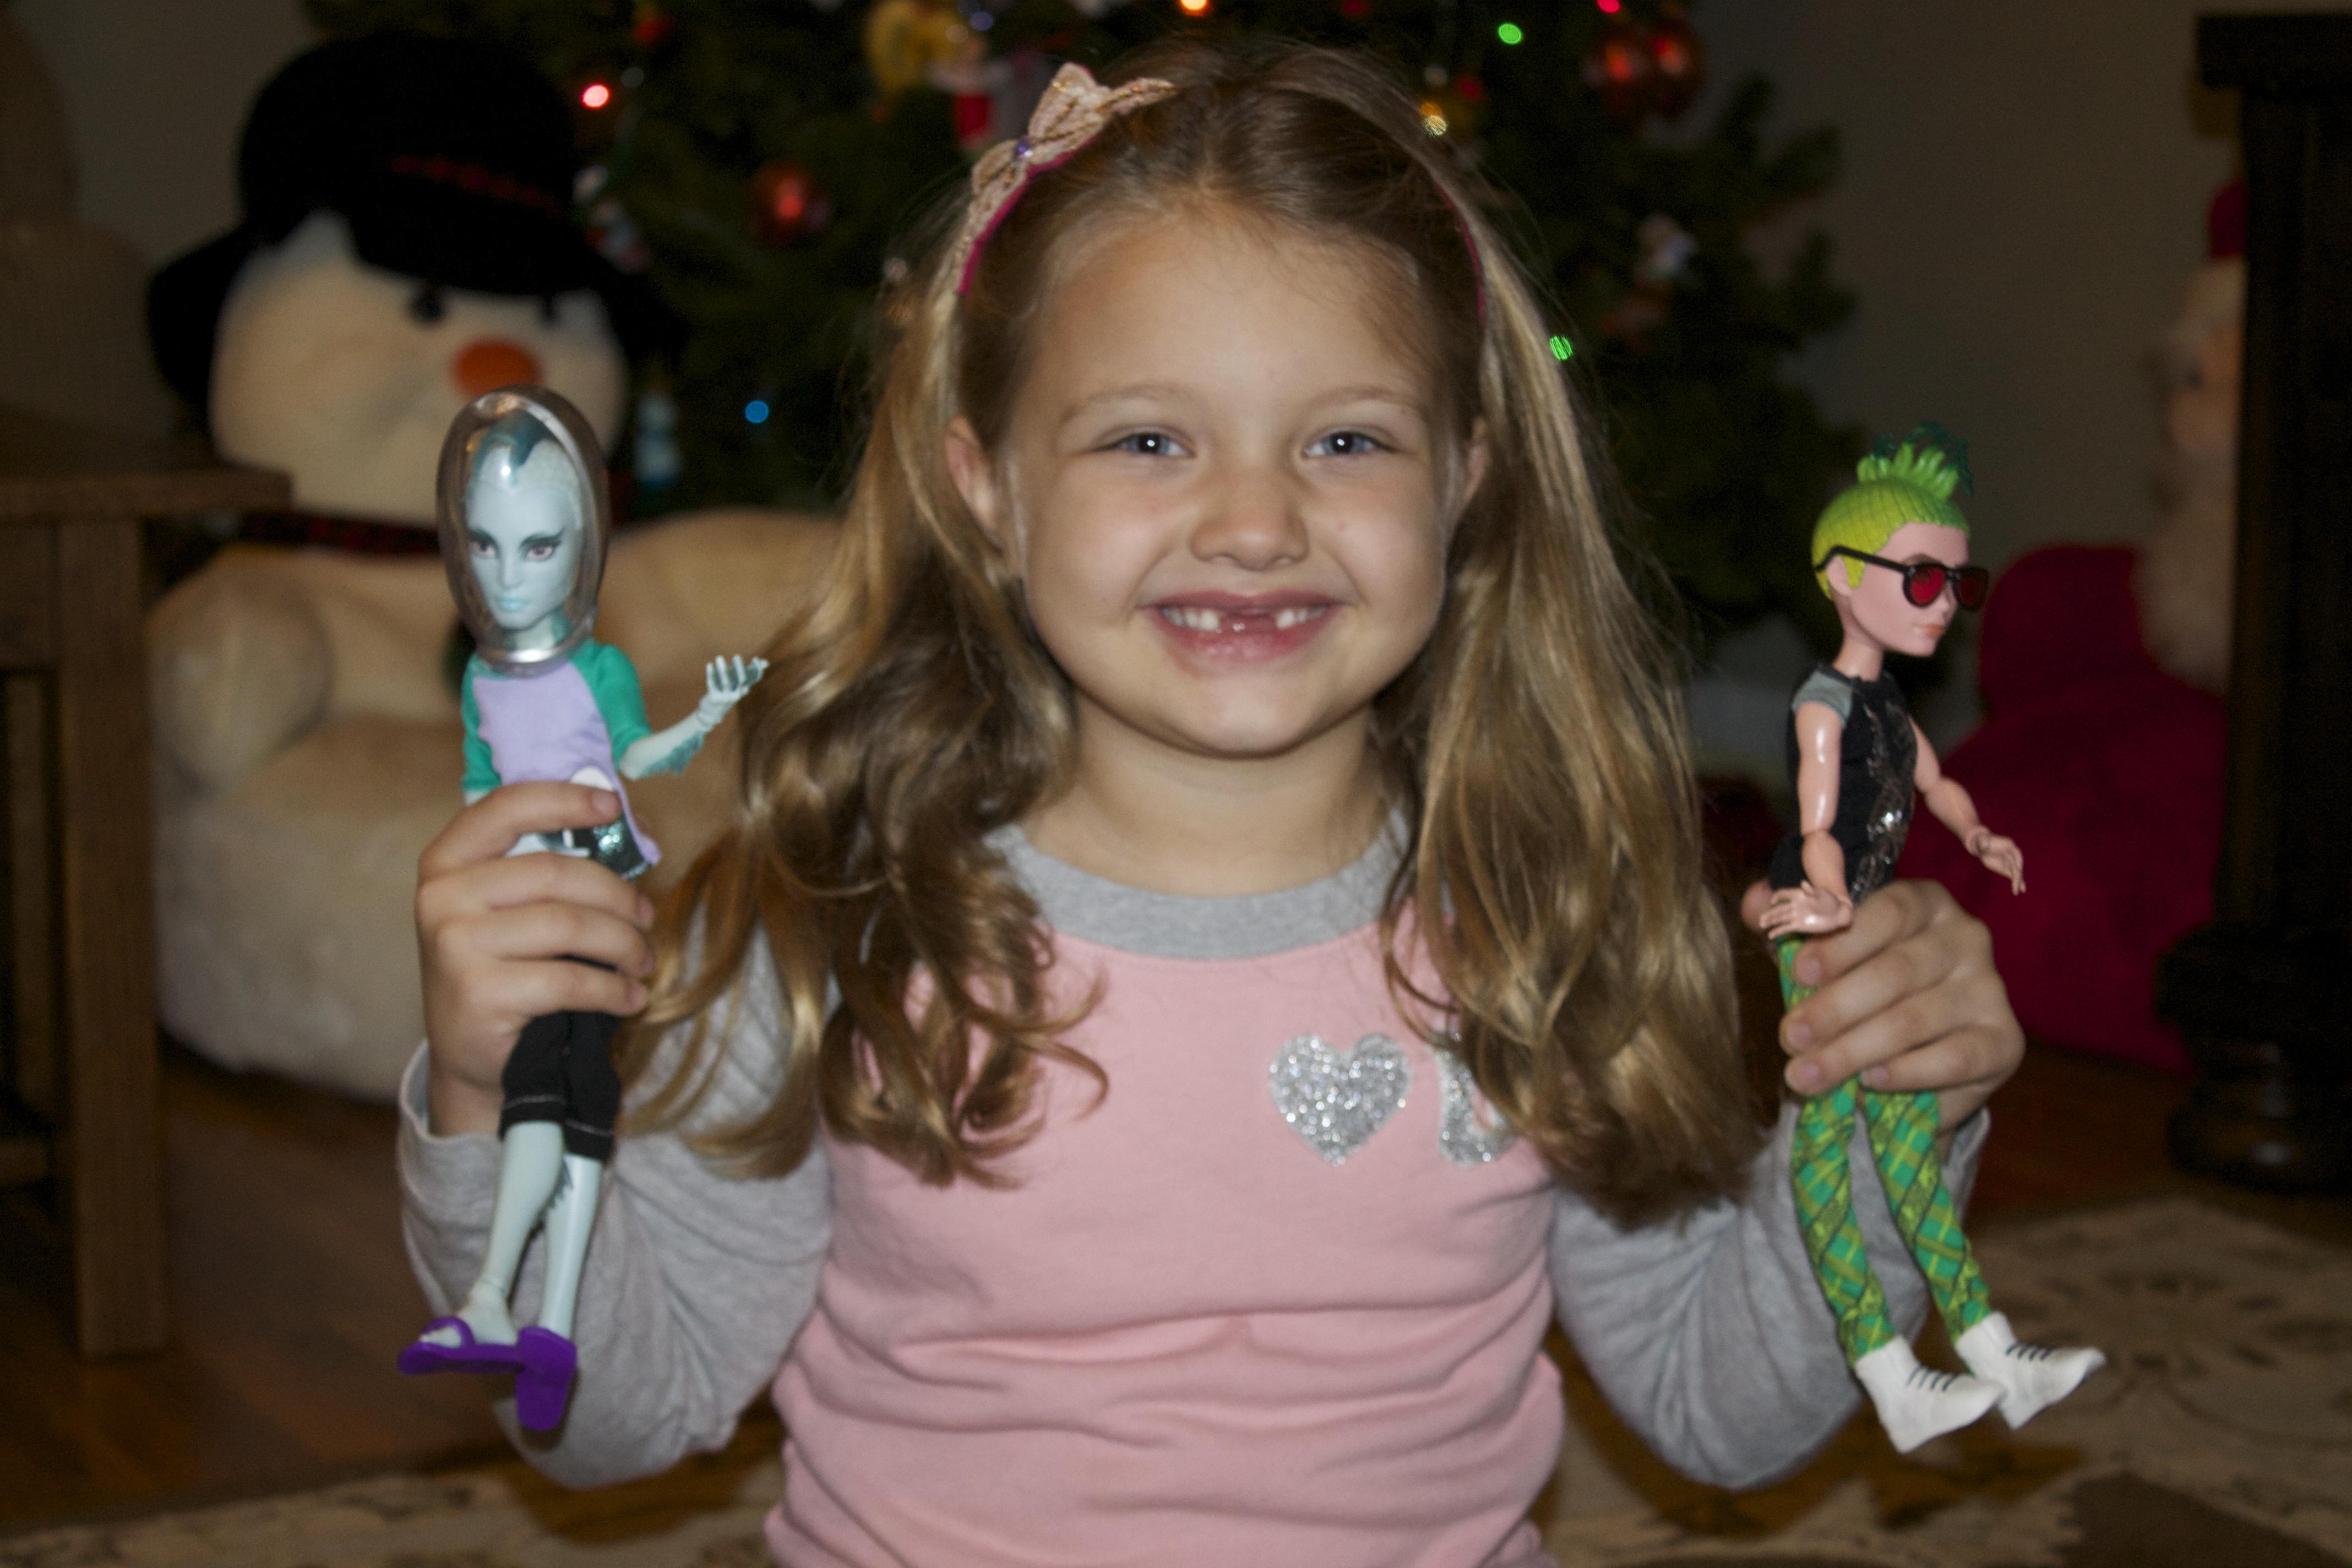 monster maker-monster high dolls